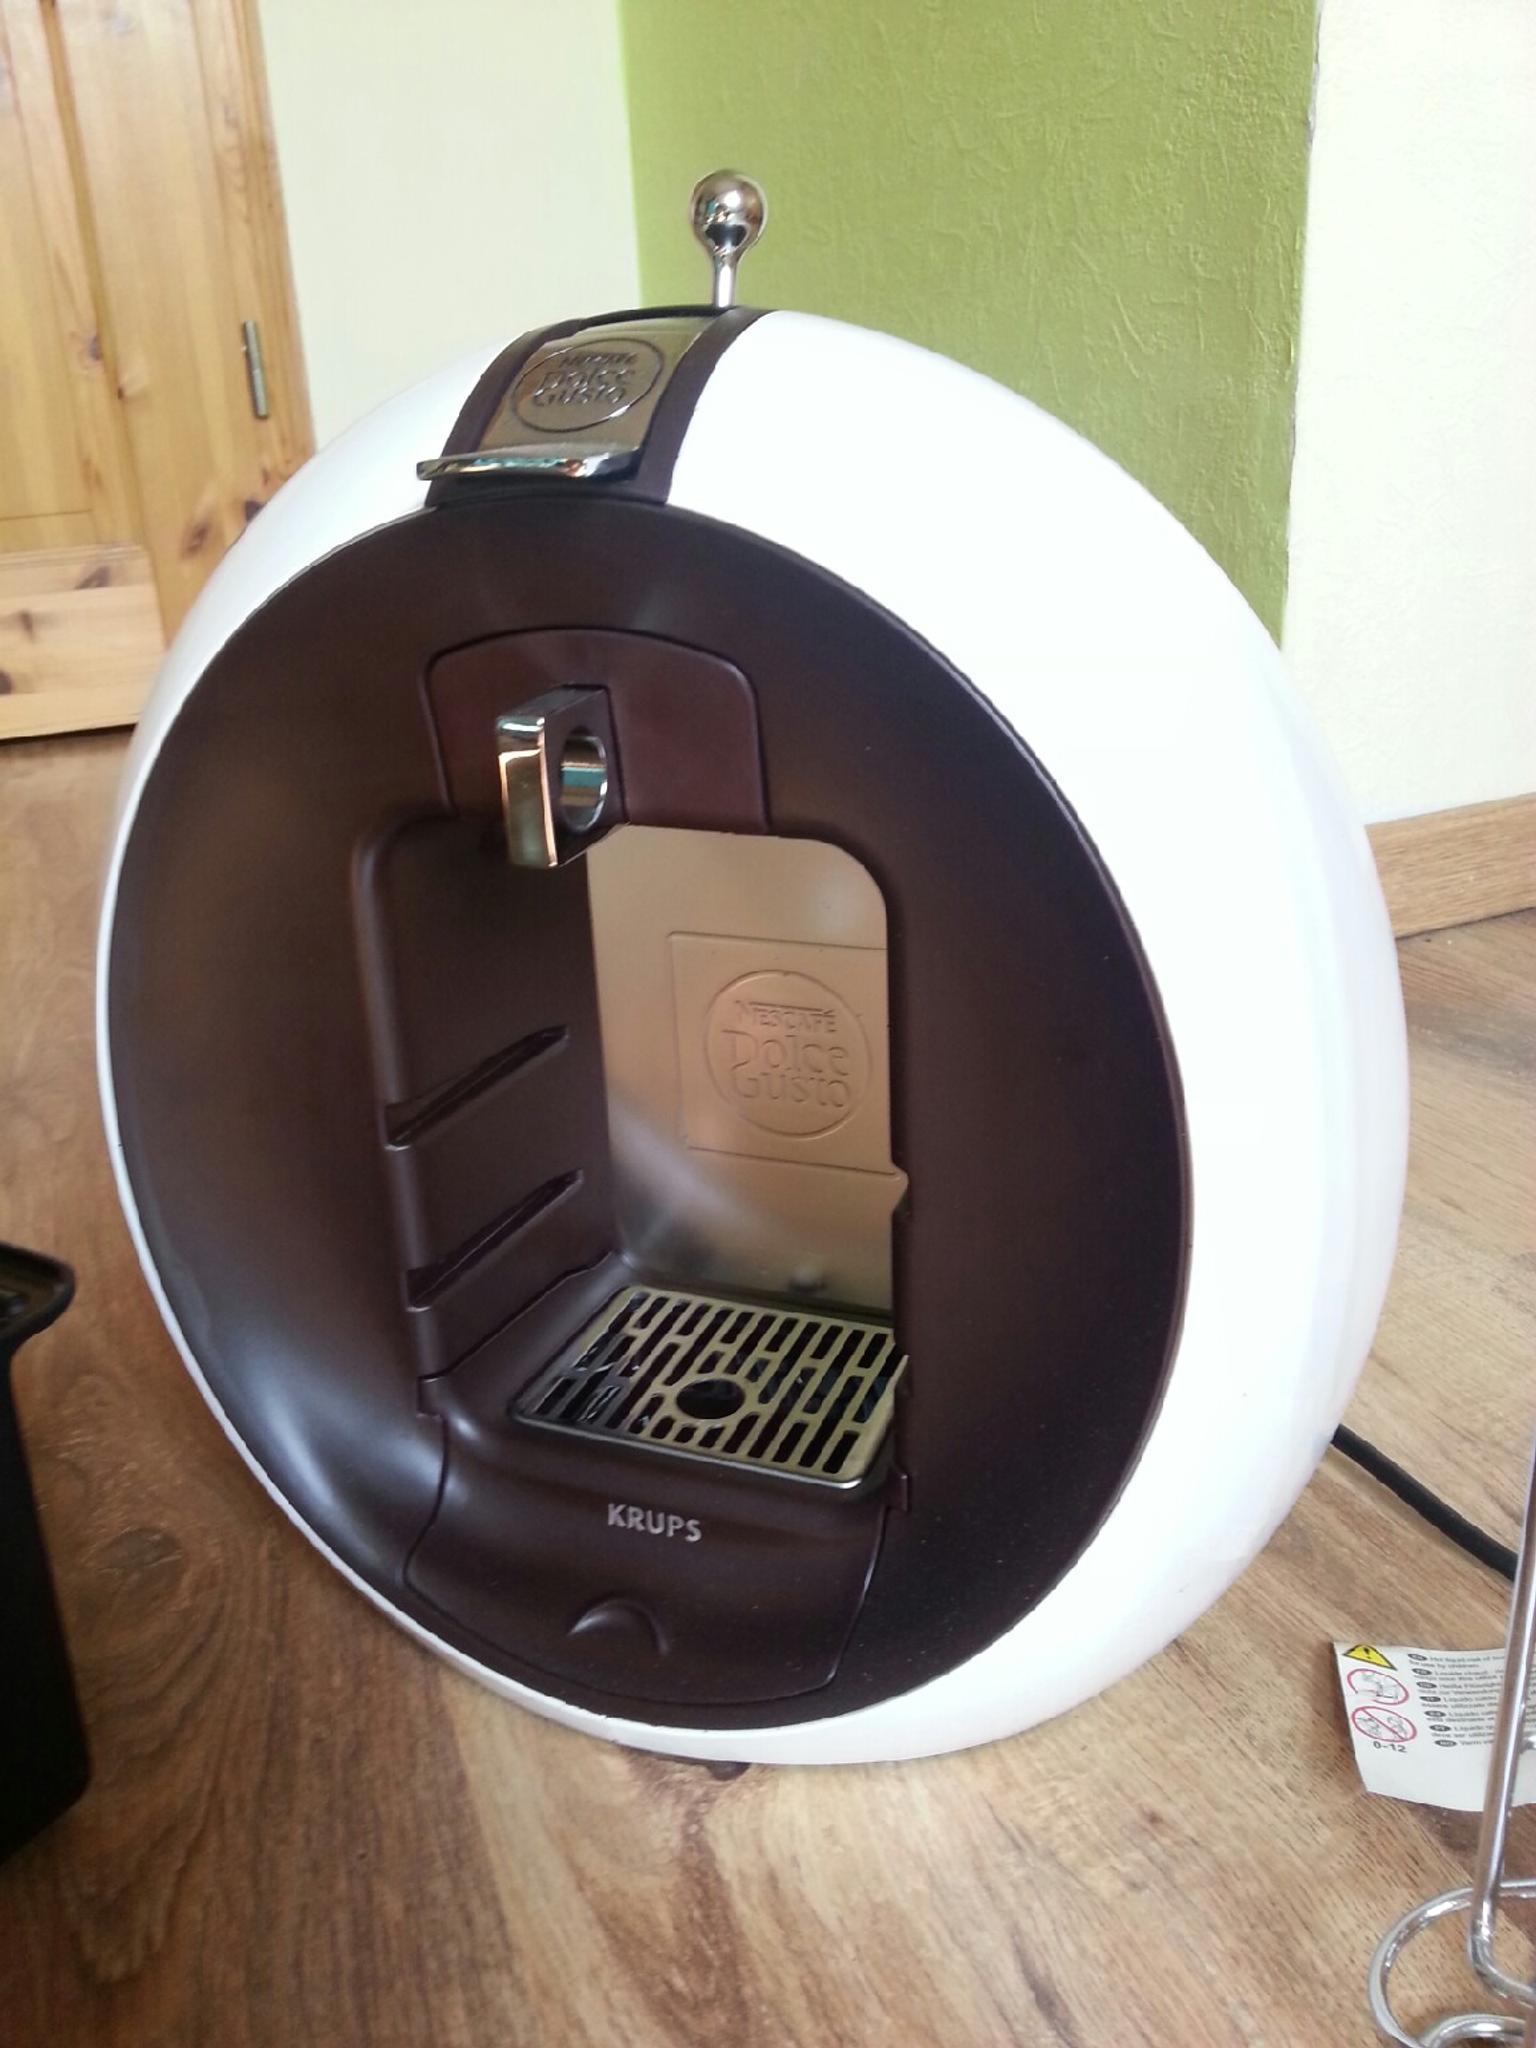 gebraucht dolce gusto kaffeemaschinewie neu in 07548  ~ Kaffeemaschine Zu Verschenken